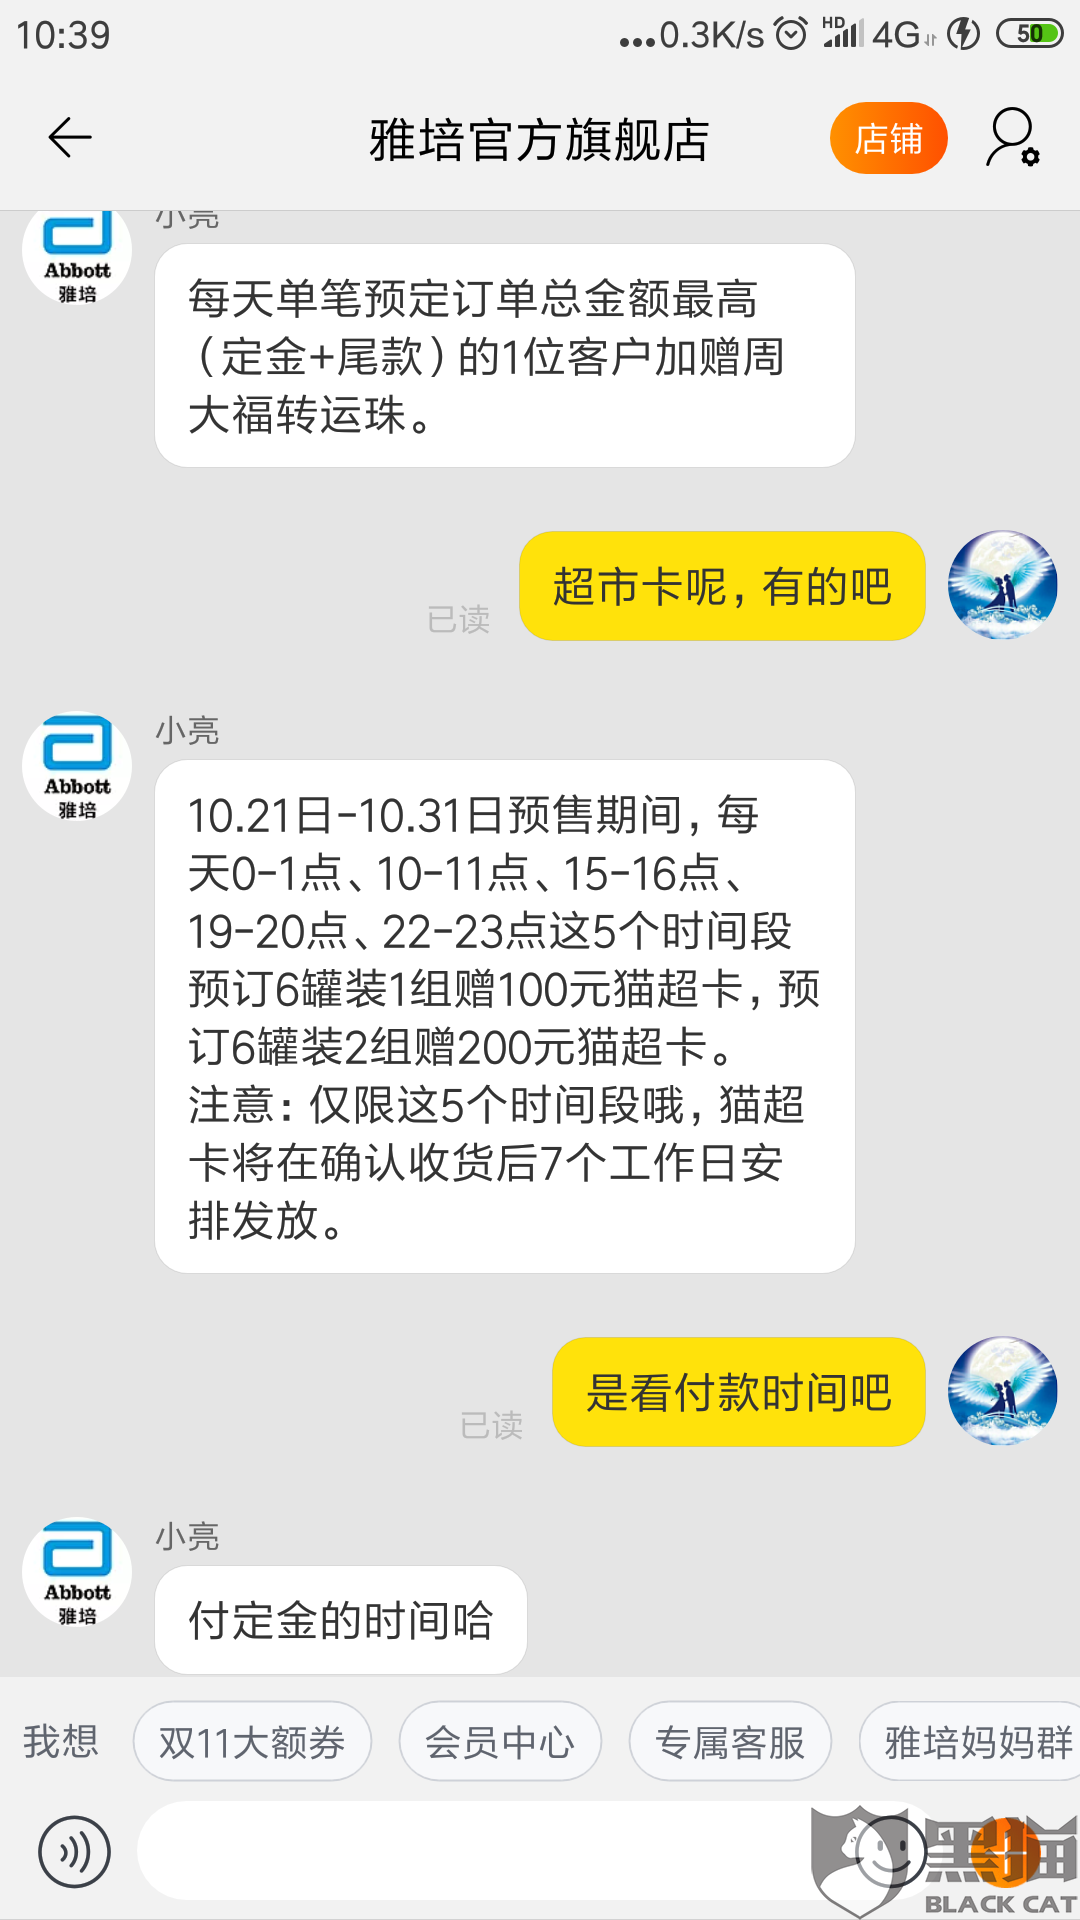 黑猫投诉:天猫雅培官方旗舰店虚假宣传